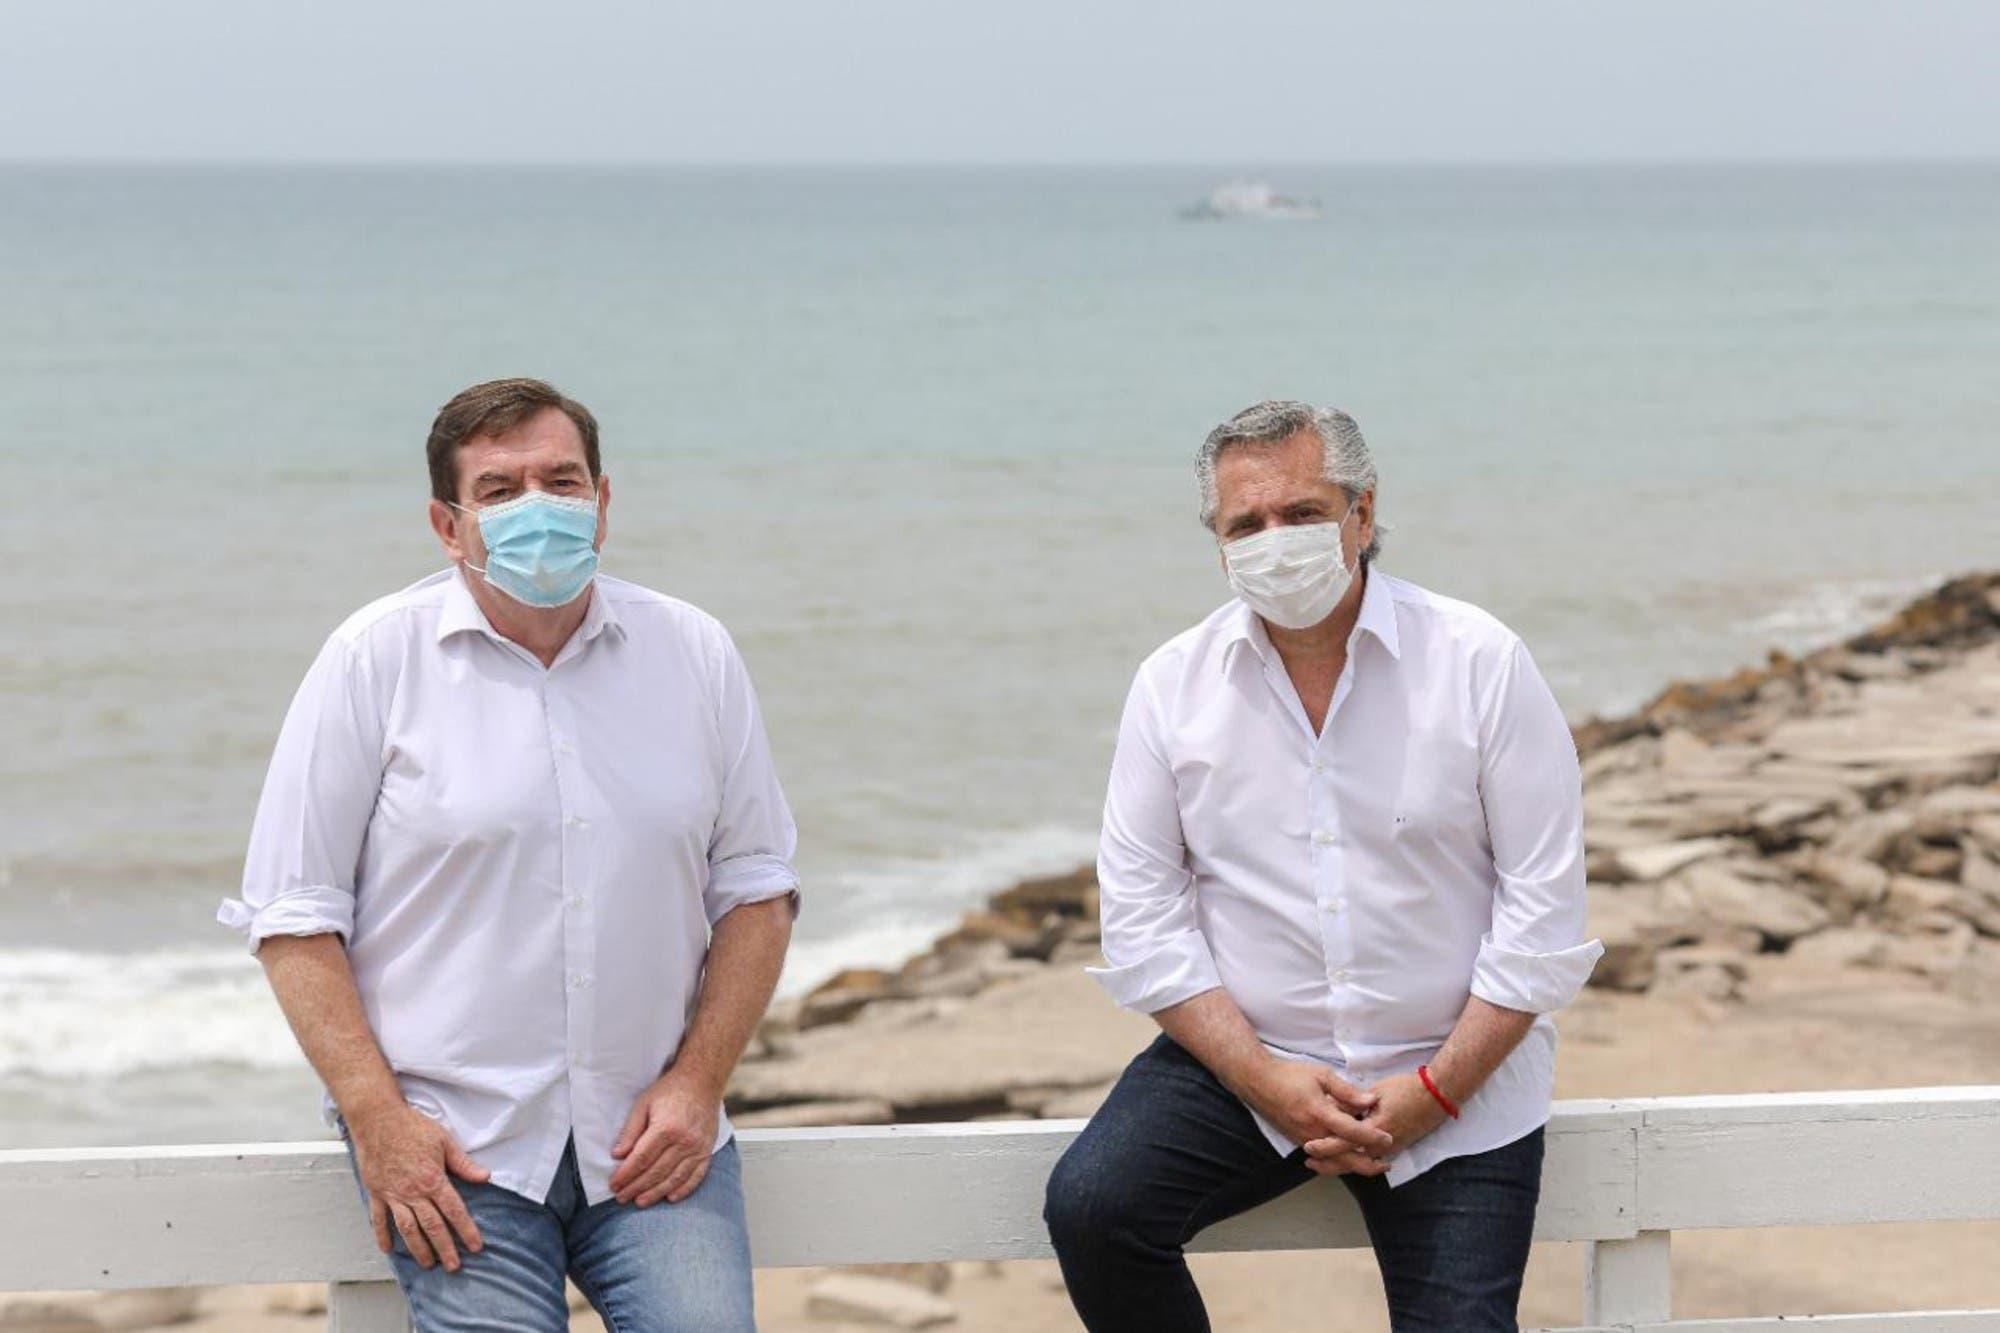 Toque de queda. Pinamar y Mar del Plata rechazan las restricciones y piden persuadir antes que prohibir - LA NACION